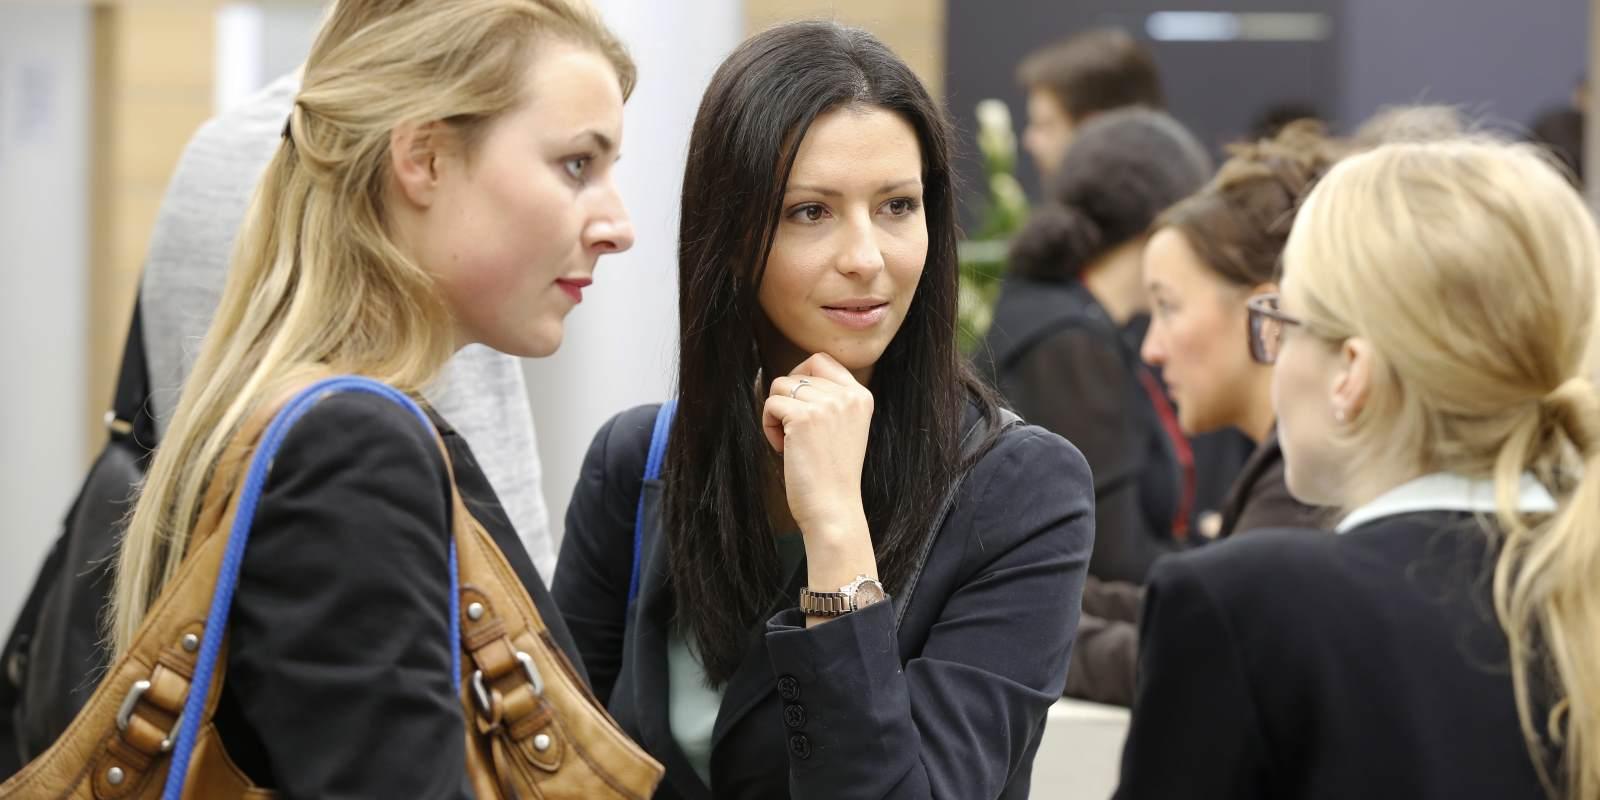 Studenten erzählen, wie Jobmessen bei der Bewerbung helfen